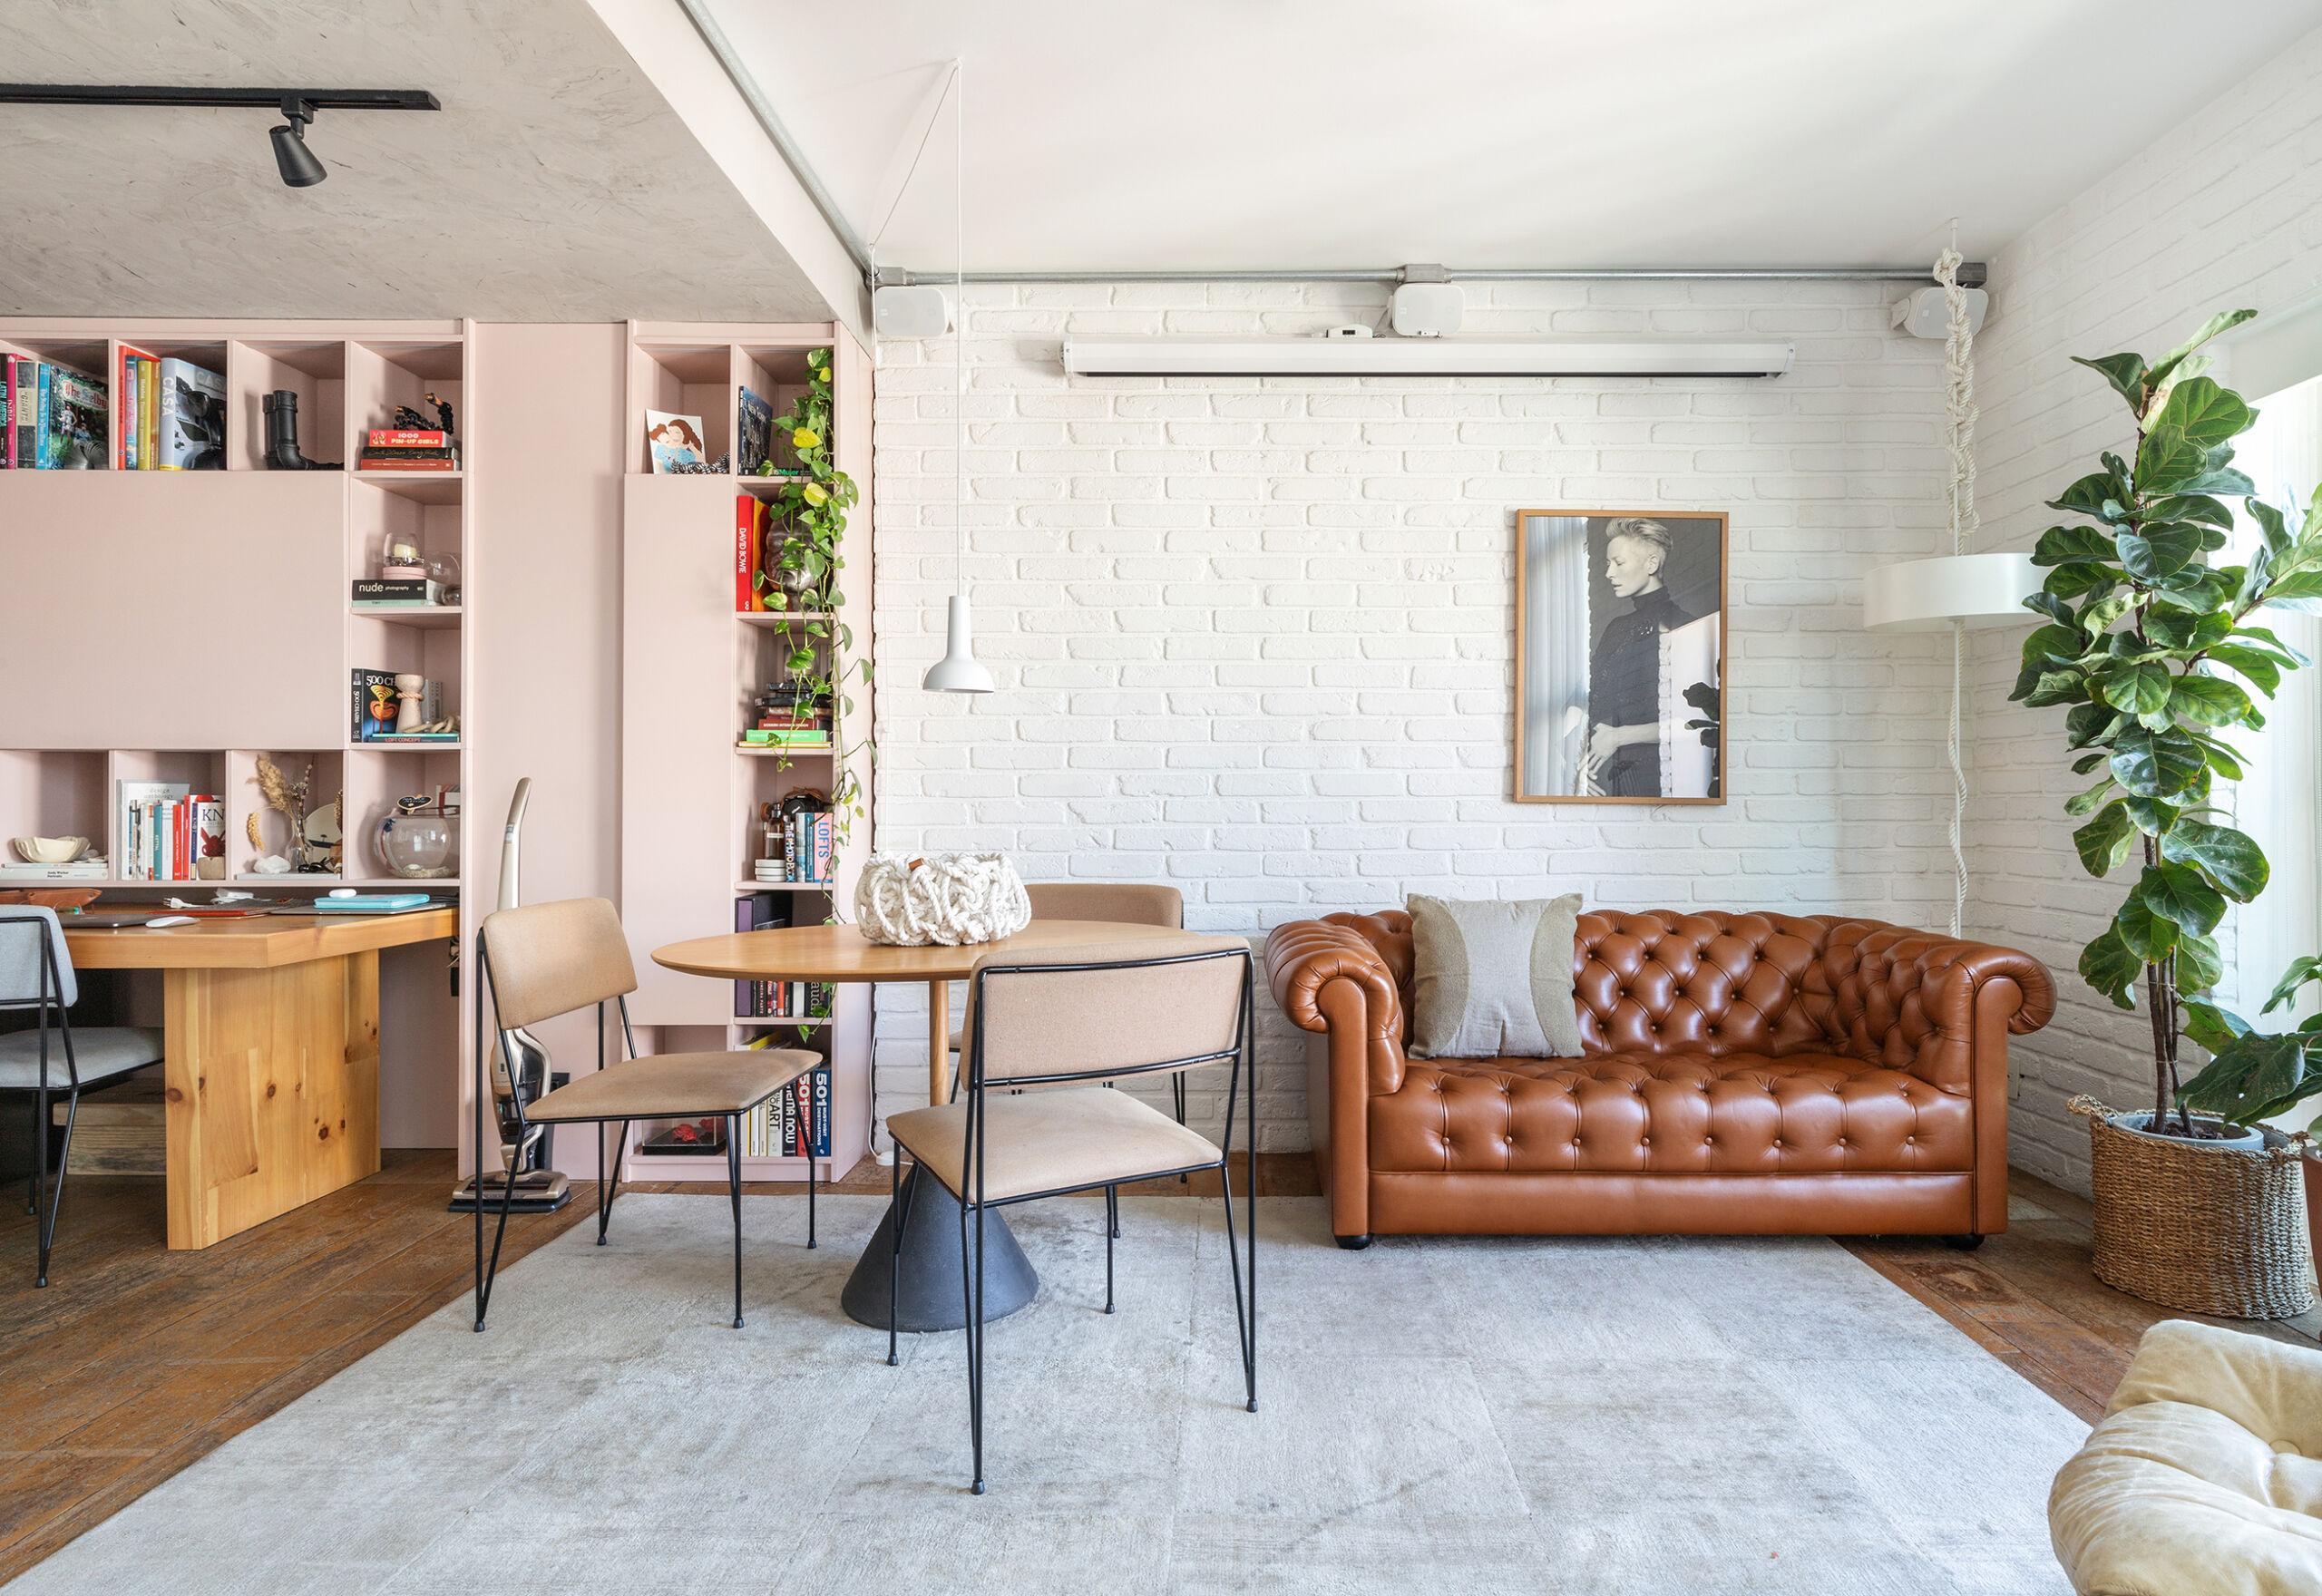 Sala com parede de tijolinho e sofá Chesterfield, apartamento Dre Magalhaes